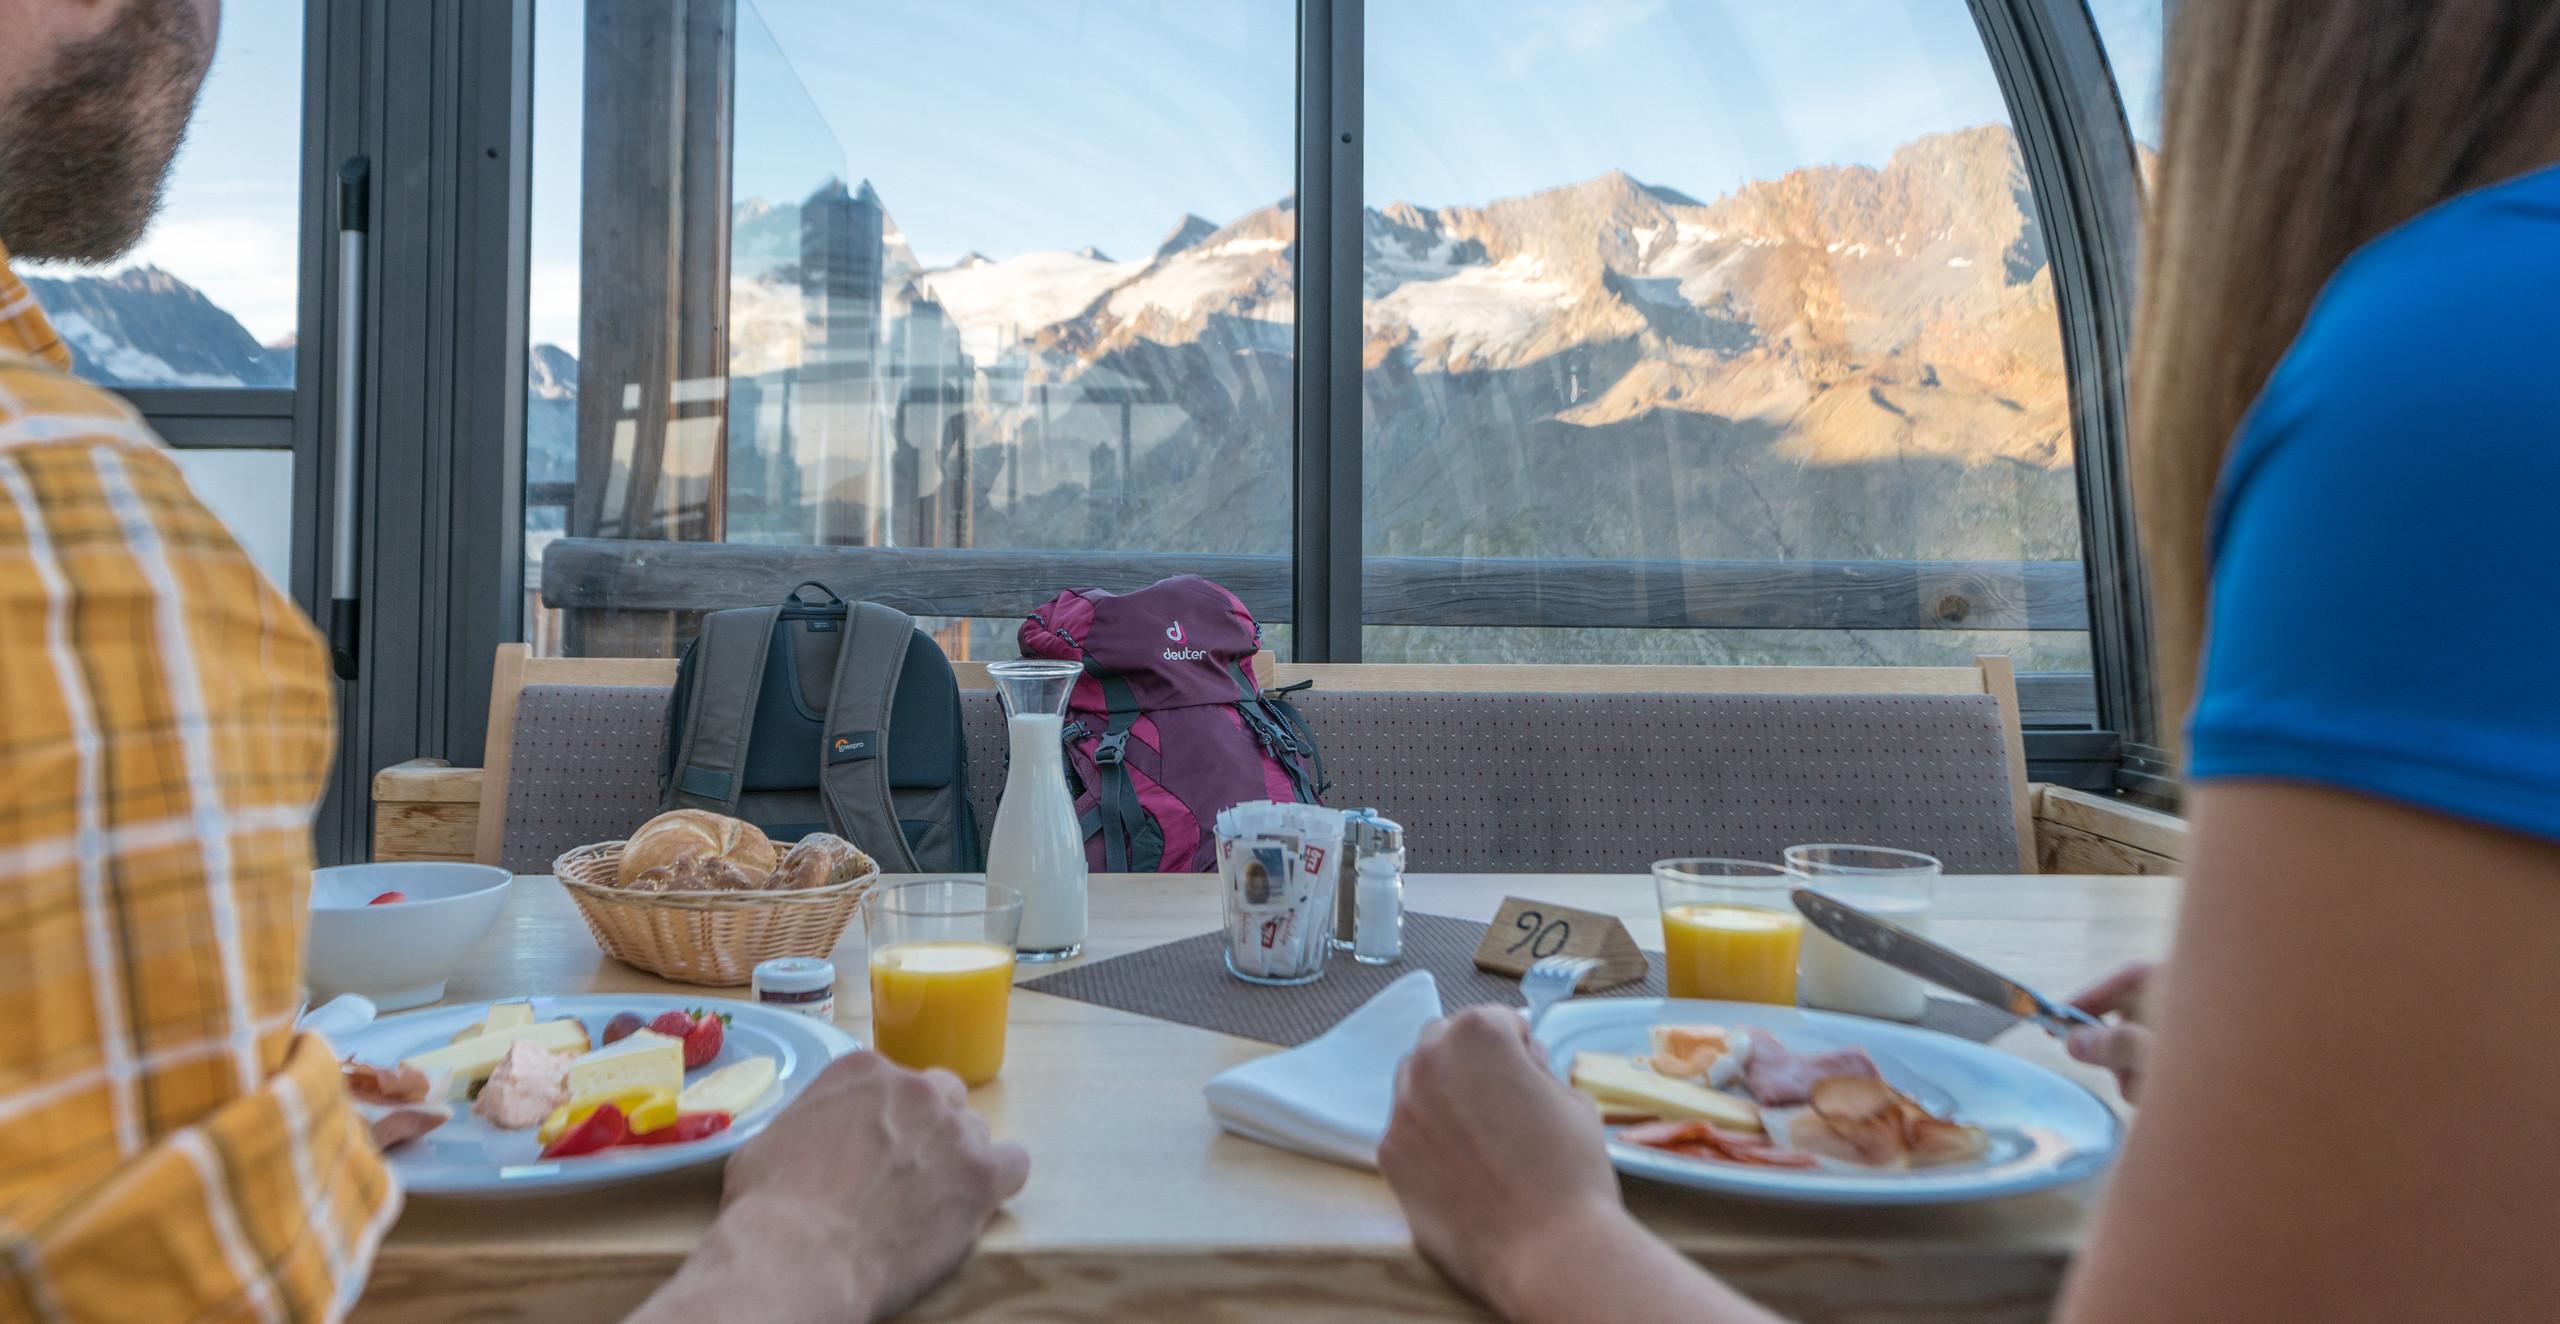 ...richtig aussergewöhnlich Frühstücken.